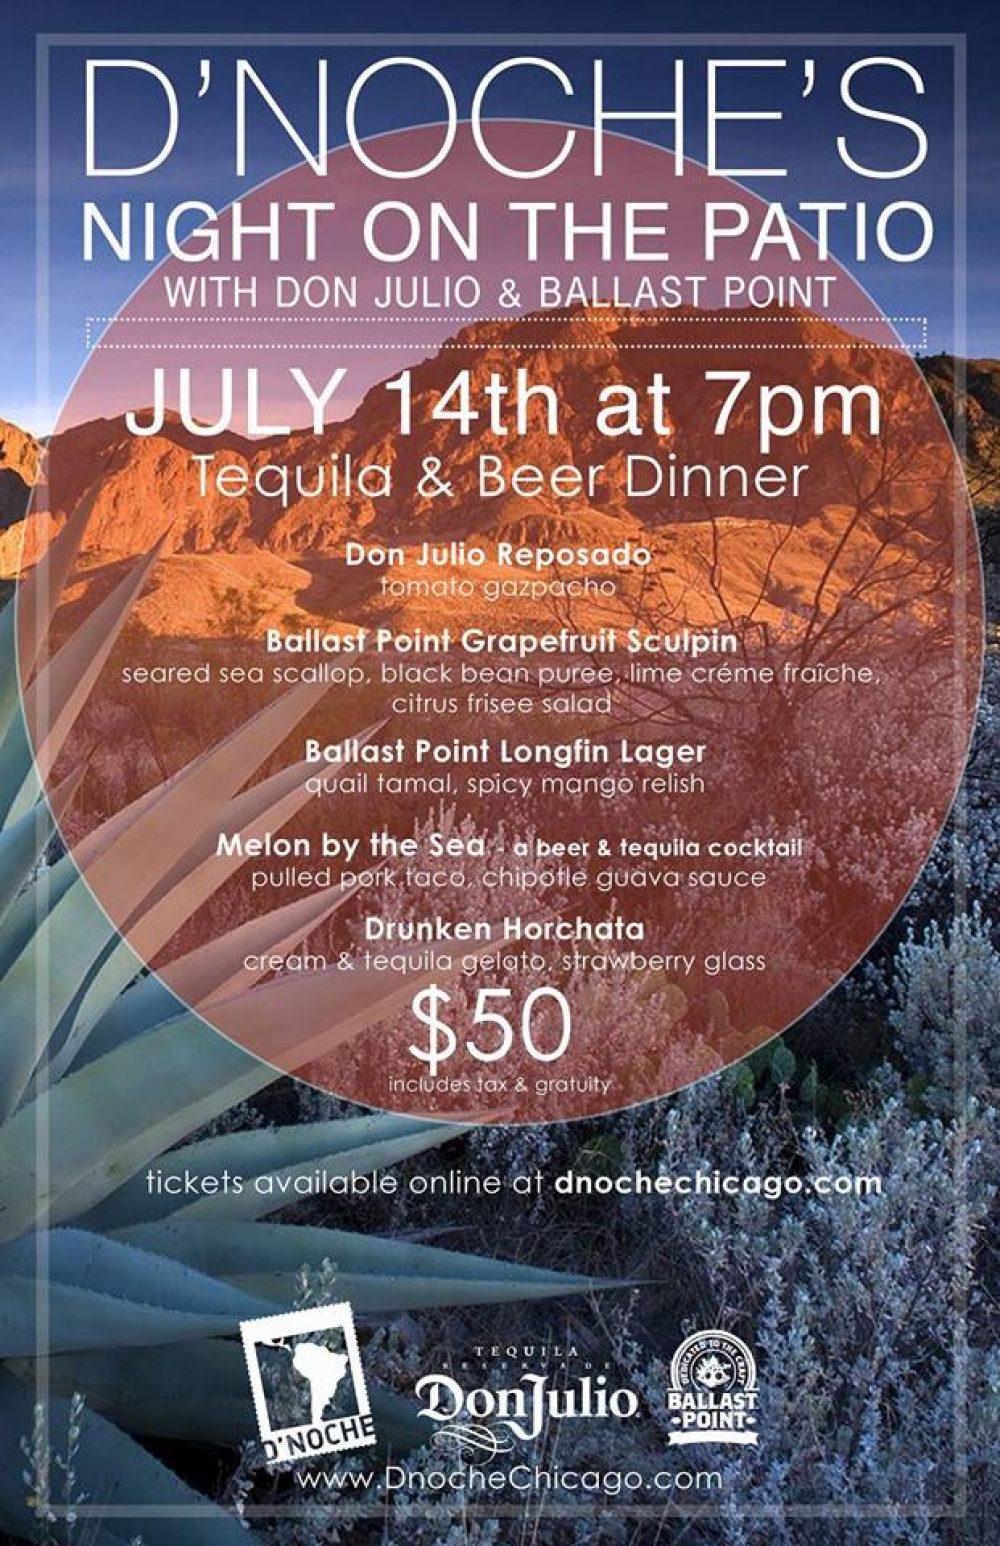 Don-Julio-Ballast-Point-dinner-flyer